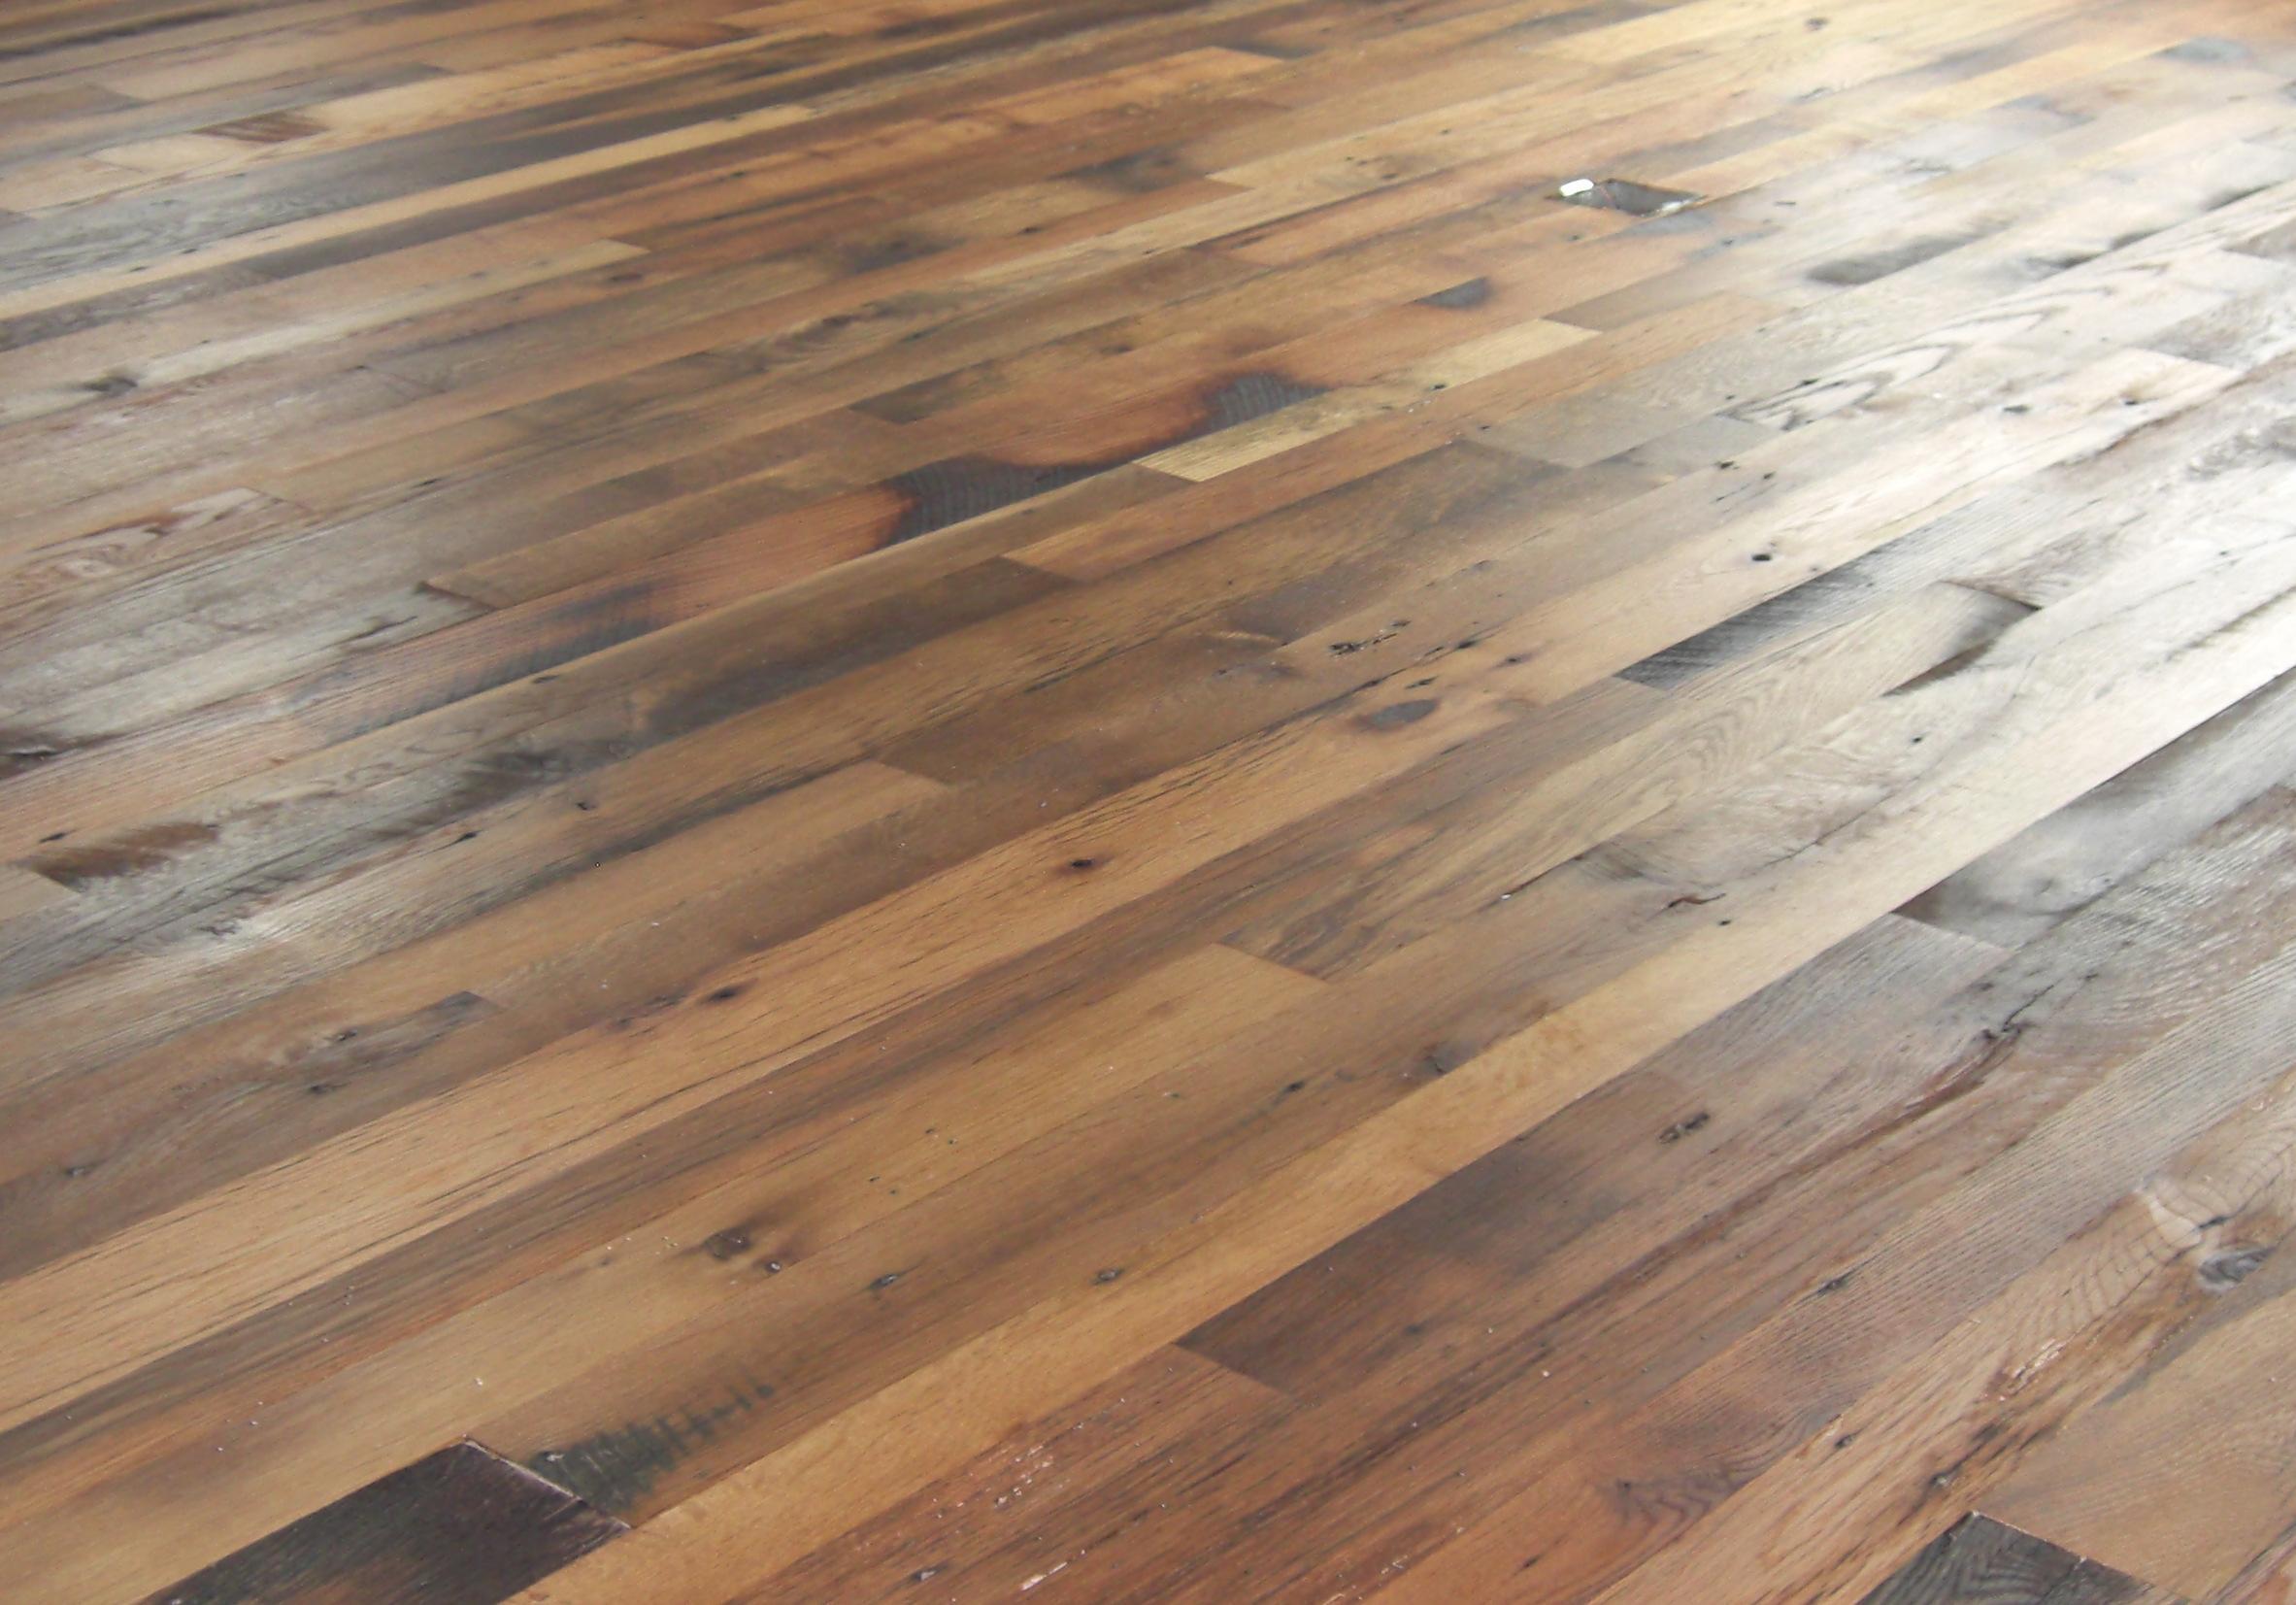 Hardwood floor wax european wax oil finishing!!! dembowski hardwood floors ... EJZQBLV